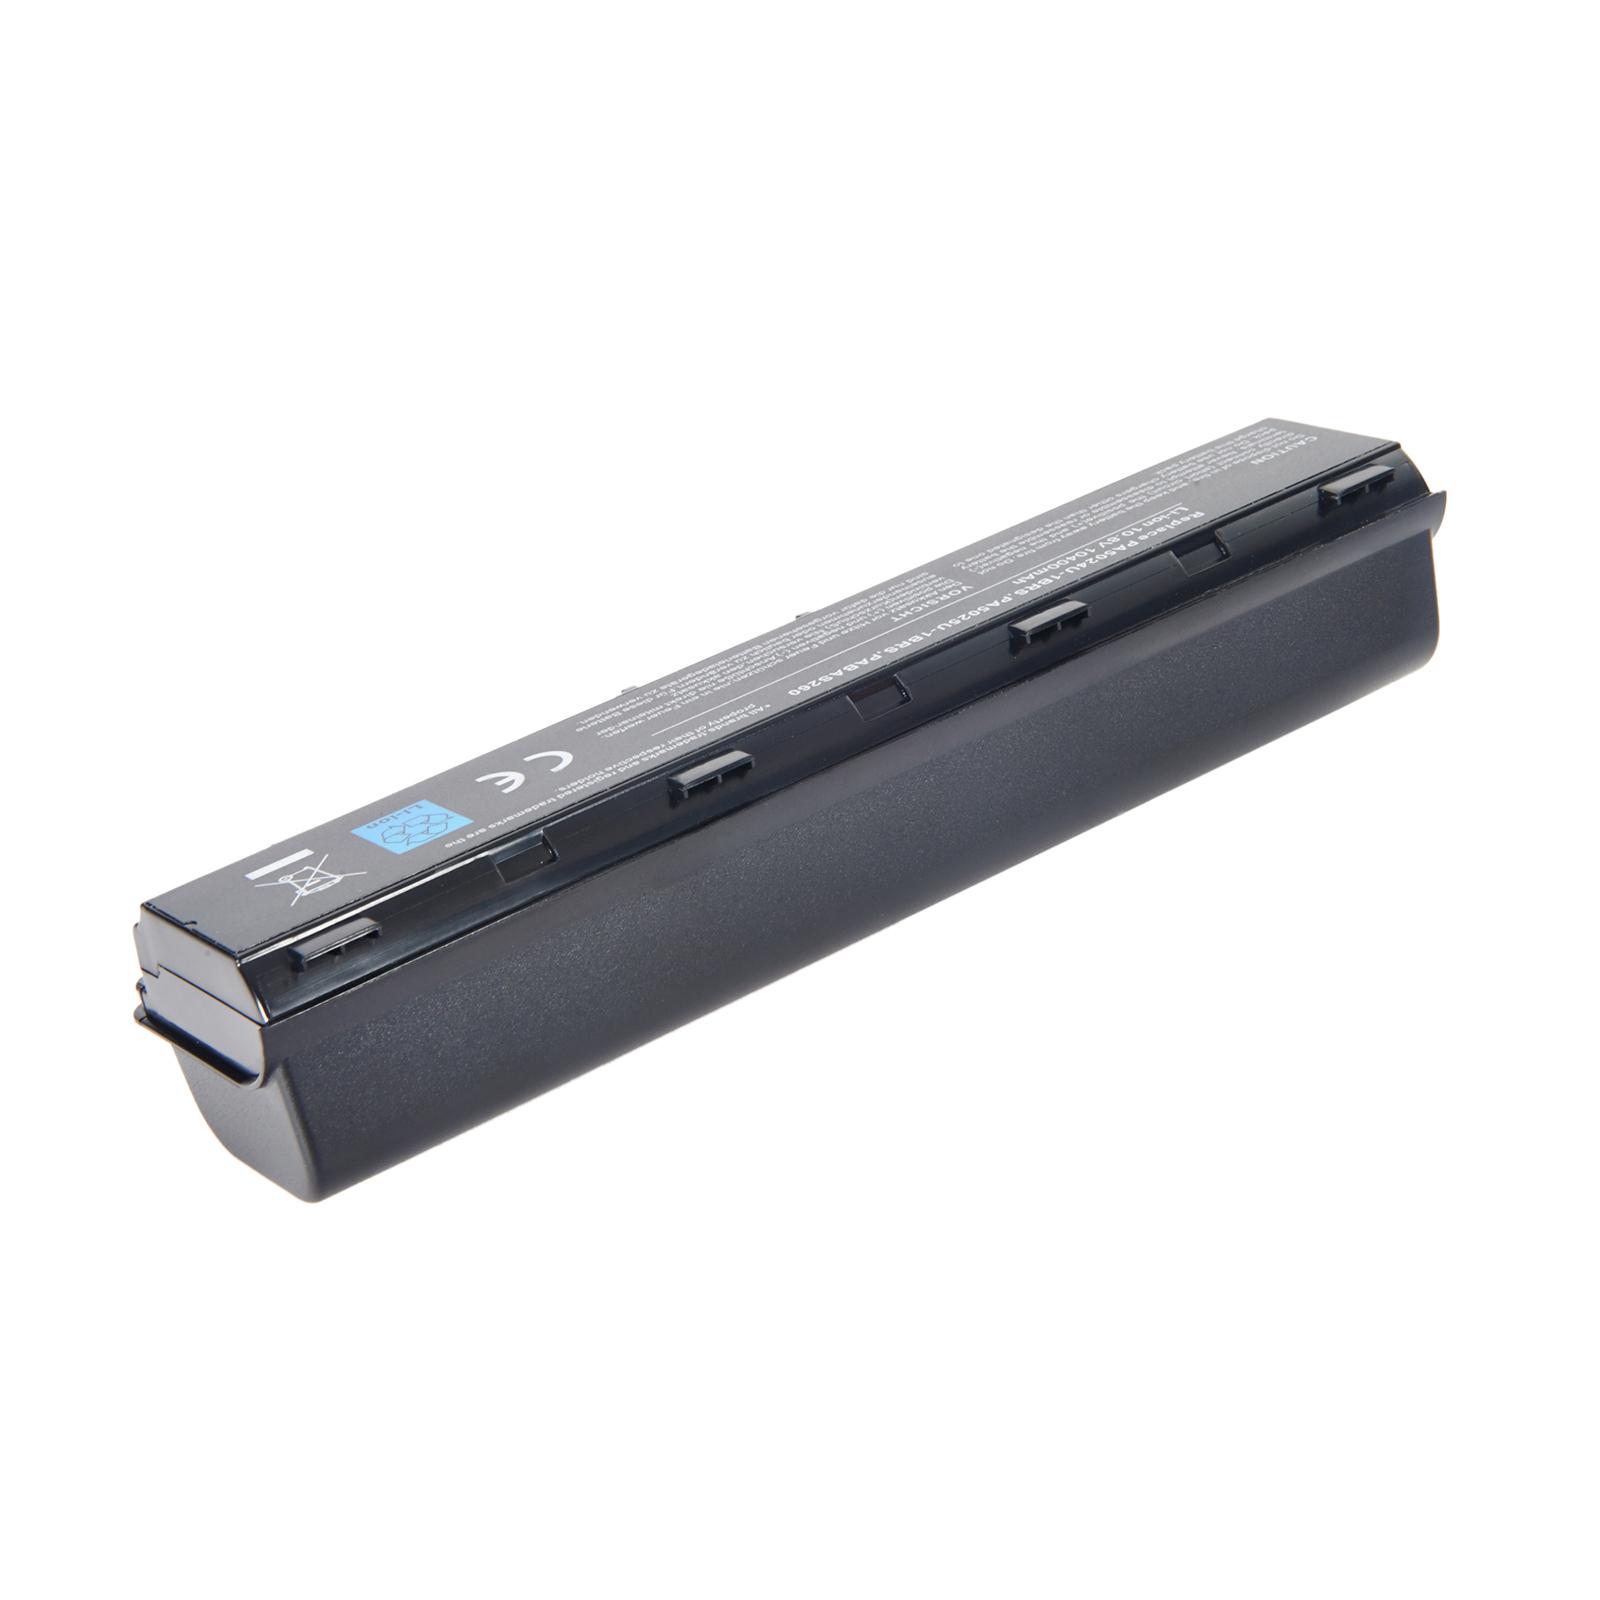 10400mah Battery For Toshiba Satellite Pro L850 C850 L830 L870 S855 Original Baterai C800 C800d C840 C840d C845 C870 L800 L805 L835 L840 L845 M840 M805 M800 P800 S800 P870 Pa5024 S875 Au